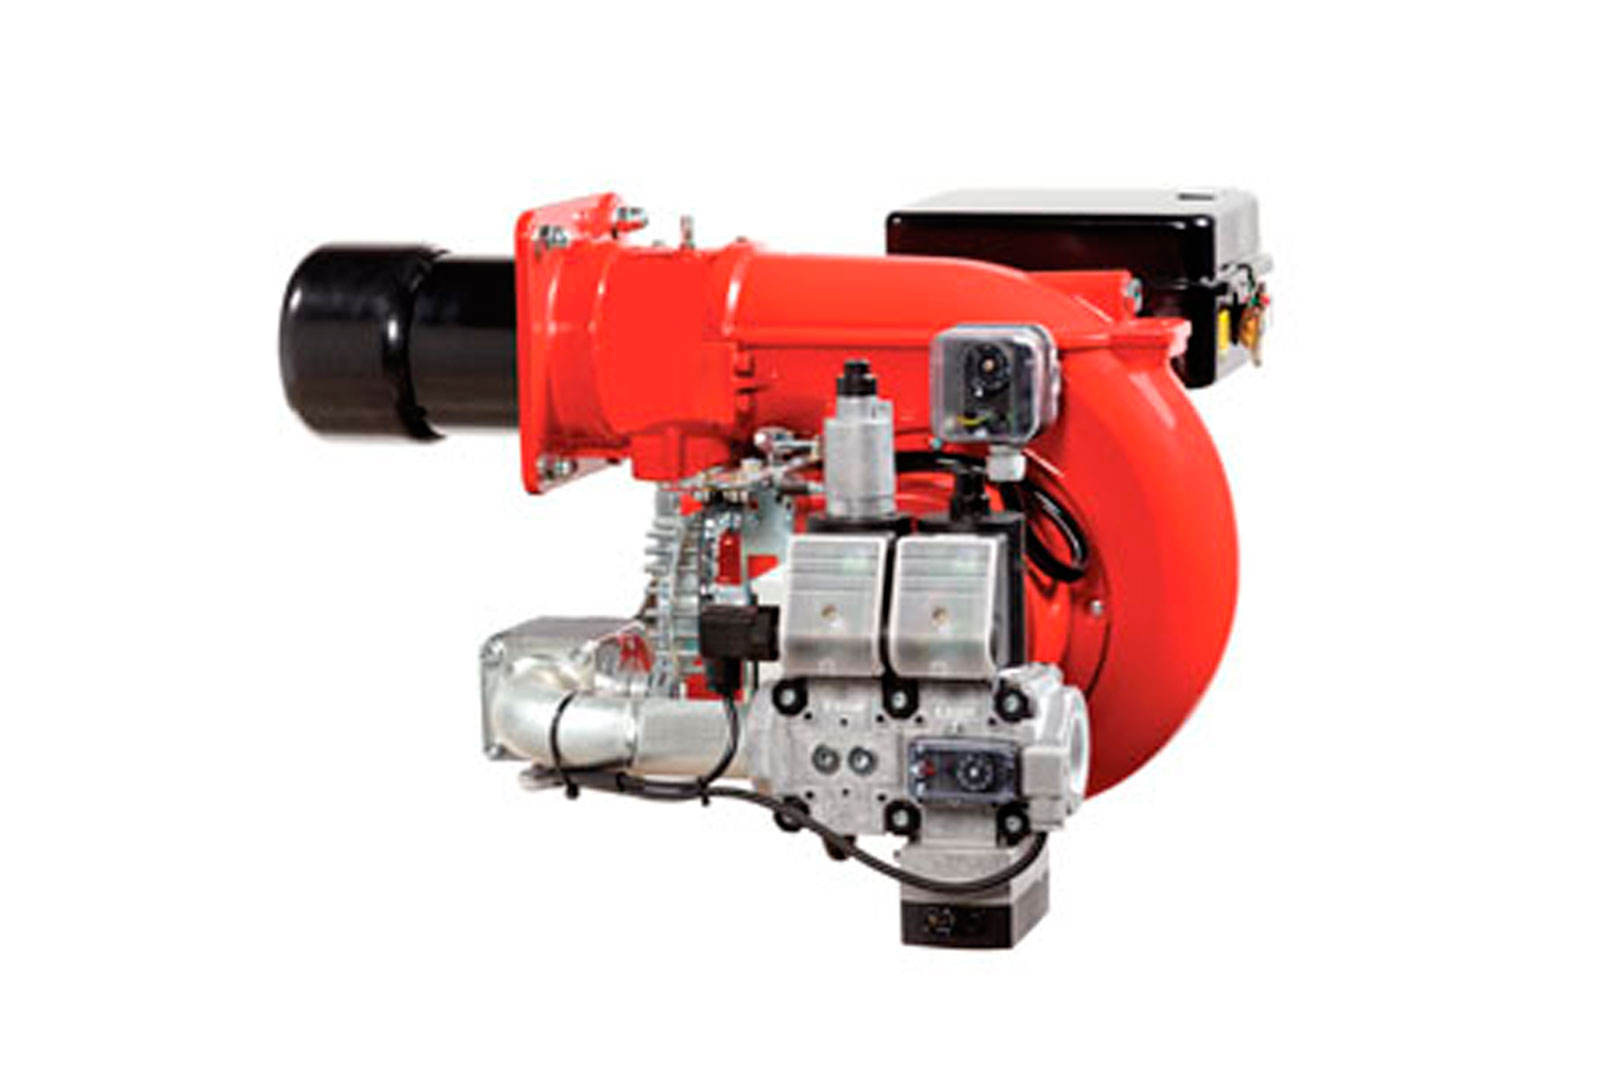 quemador-cremax-gas-2-llamas-progresivos-y-modulantes-151kw-a-522kw-3-flamax-eficiencia-energetica-ppal